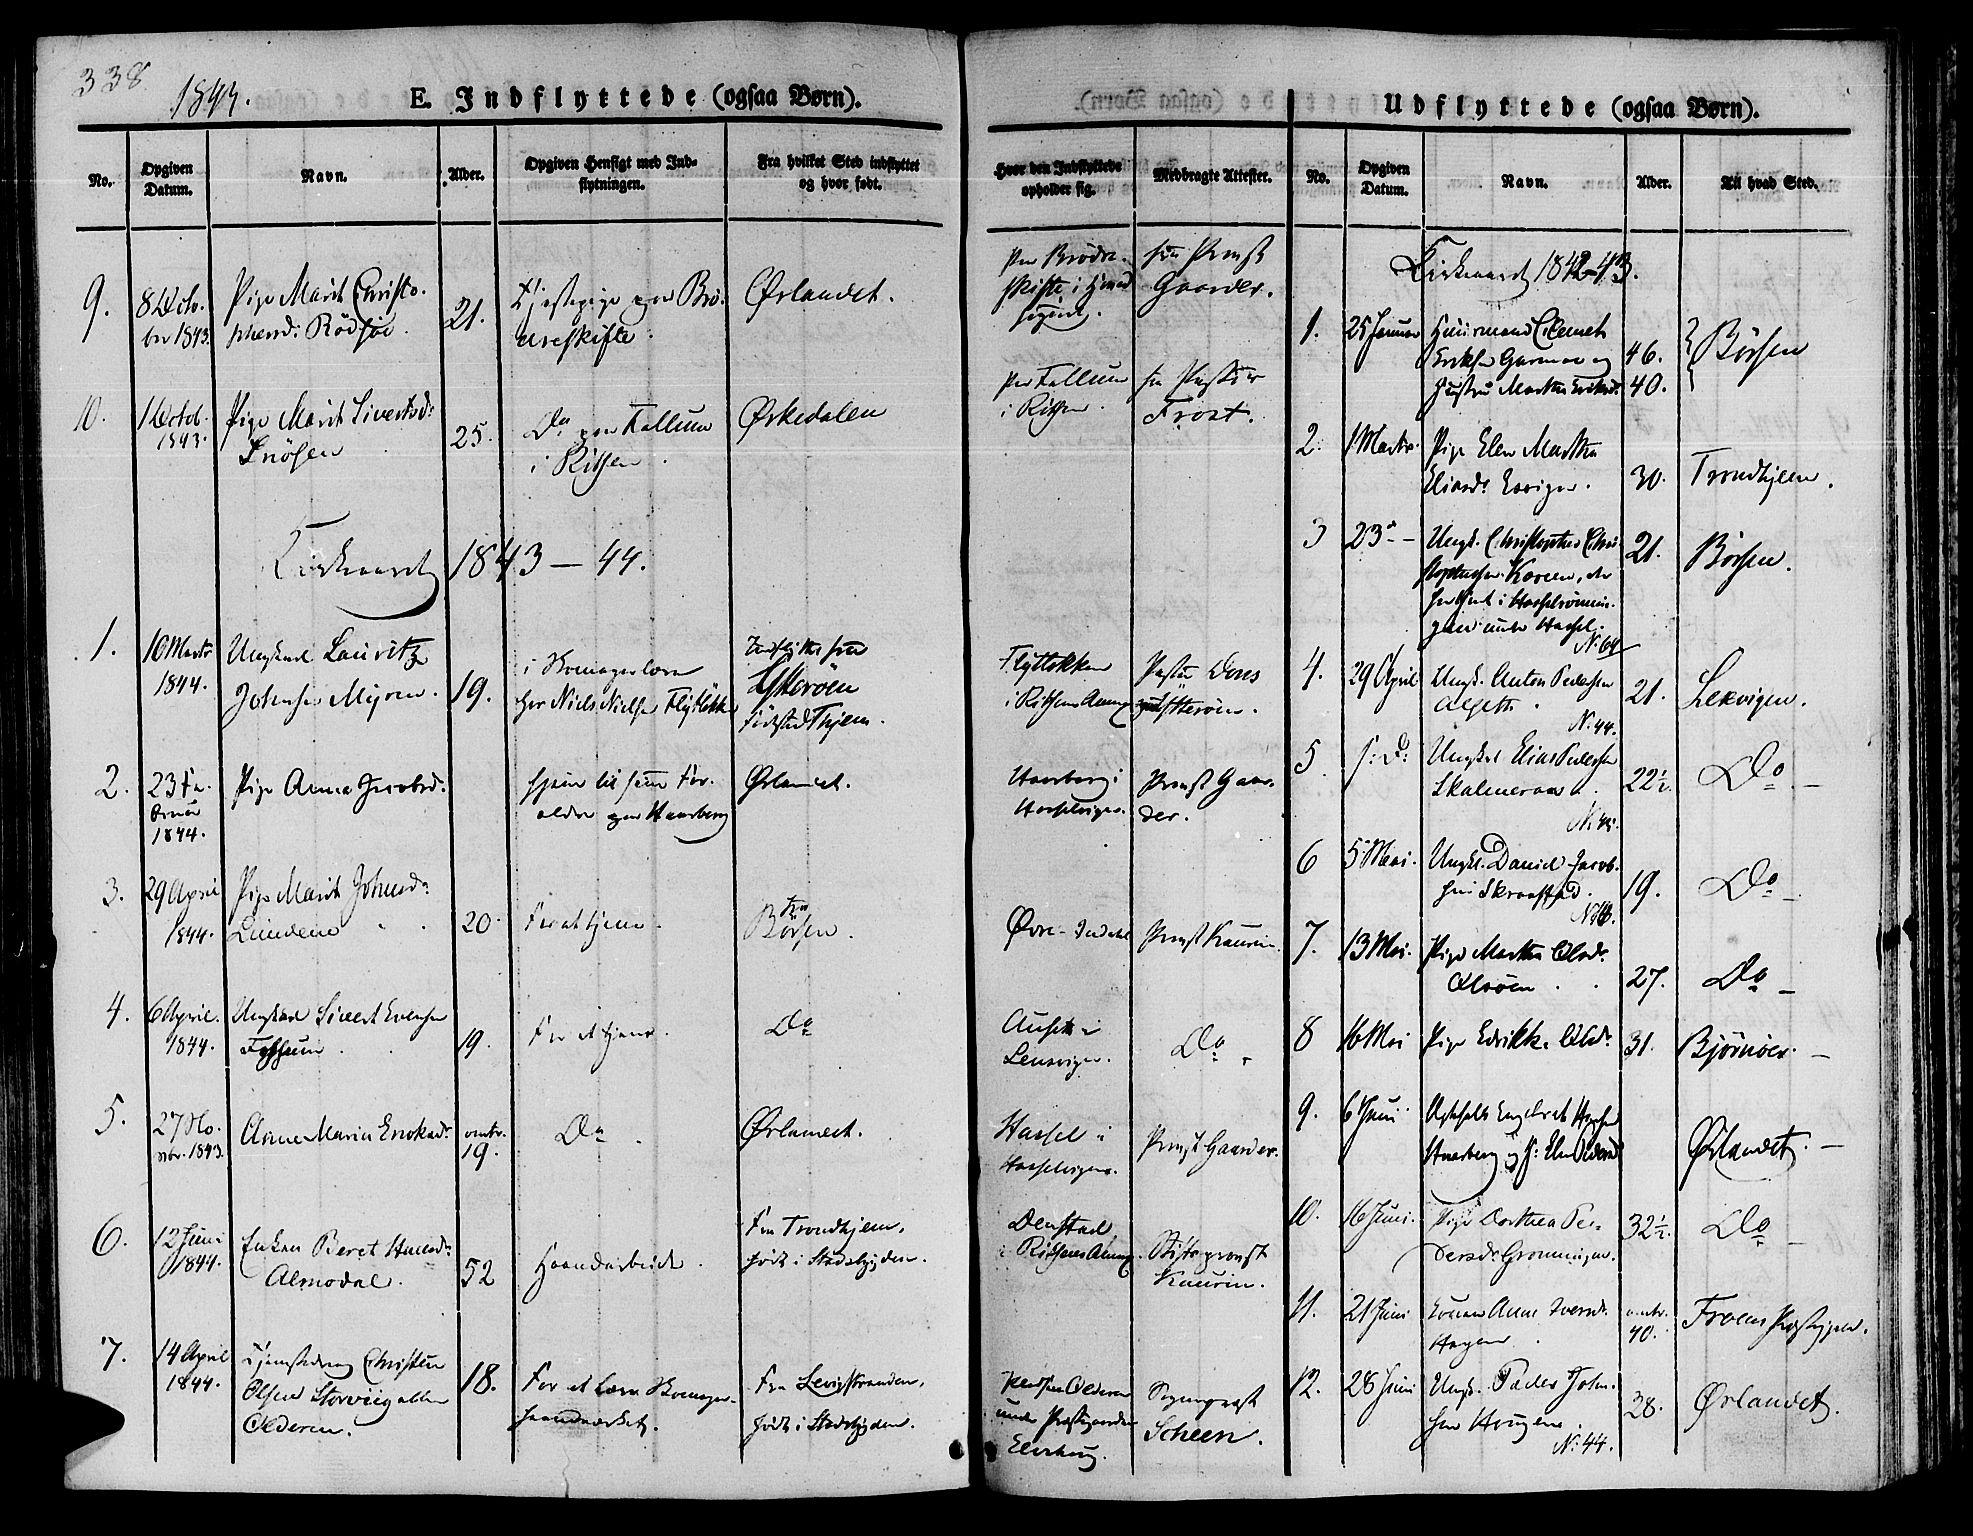 SAT, Ministerialprotokoller, klokkerbøker og fødselsregistre - Sør-Trøndelag, 646/L0610: Ministerialbok nr. 646A08, 1837-1847, s. 338